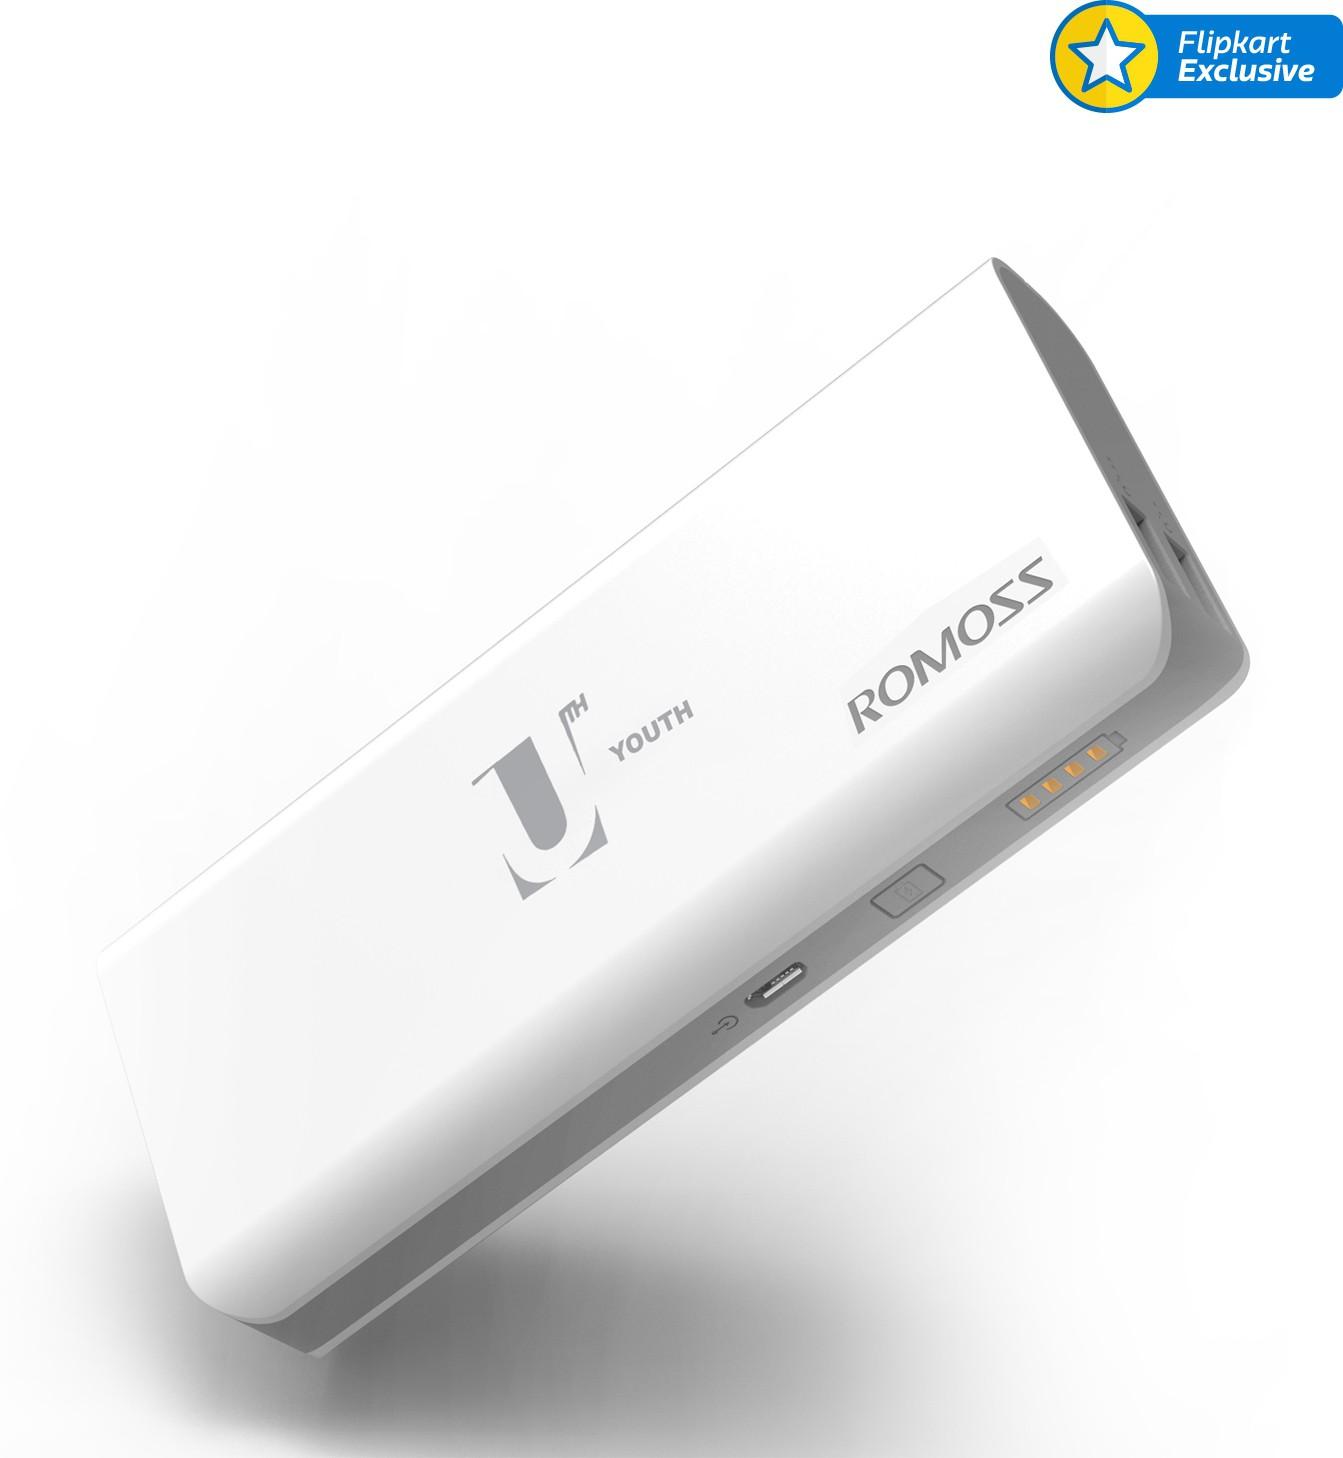 Flipkart - 10,000 mAh Power Bank UTH